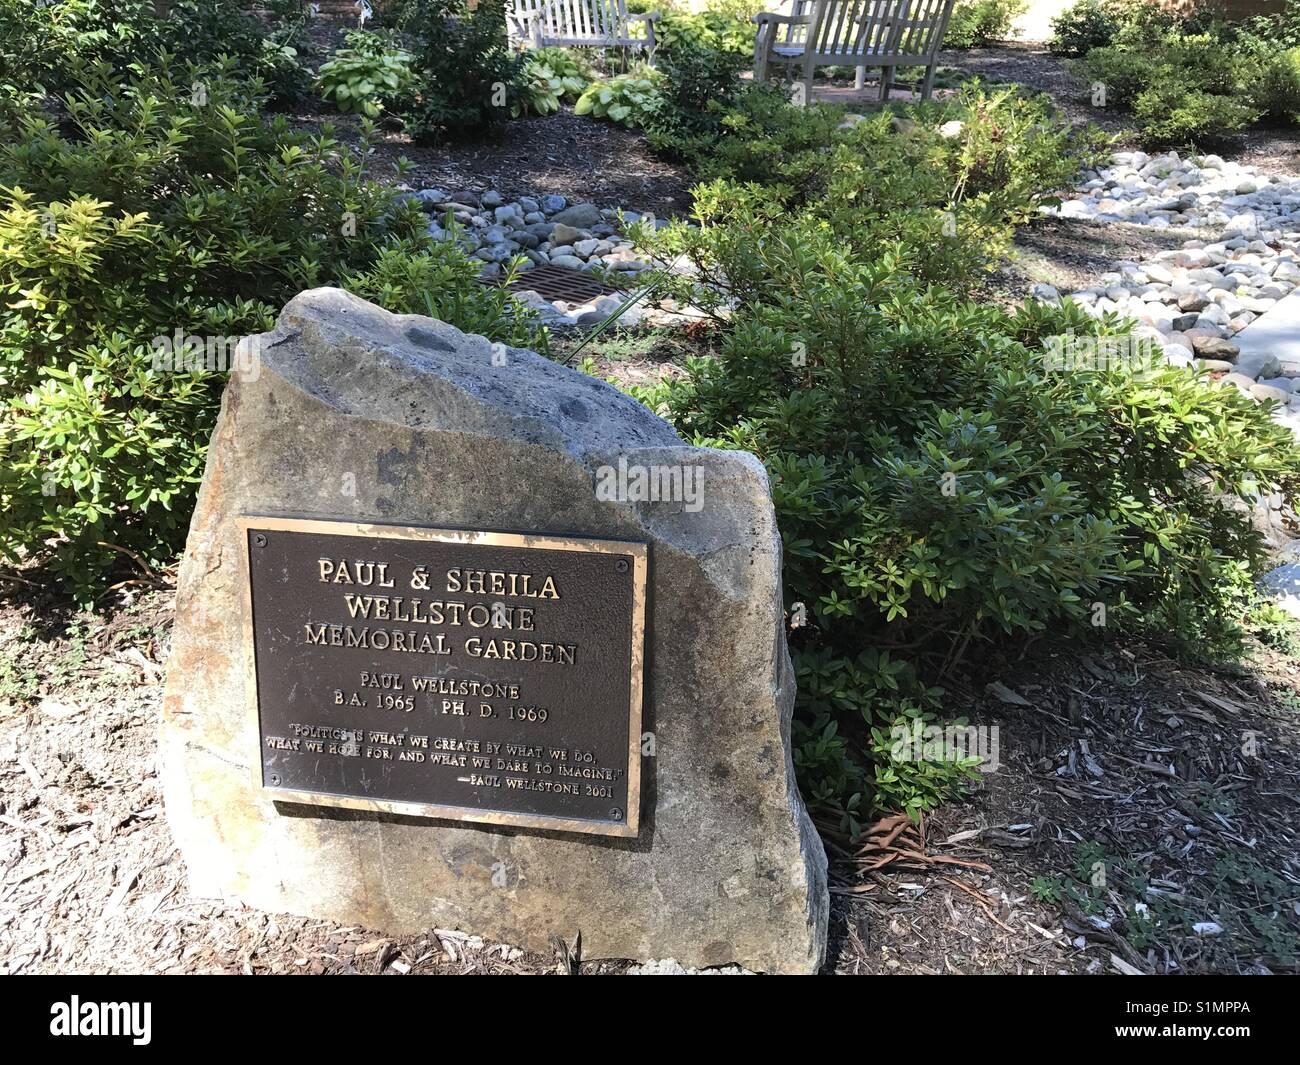 Paul Wellstone Memorial - Stock Image